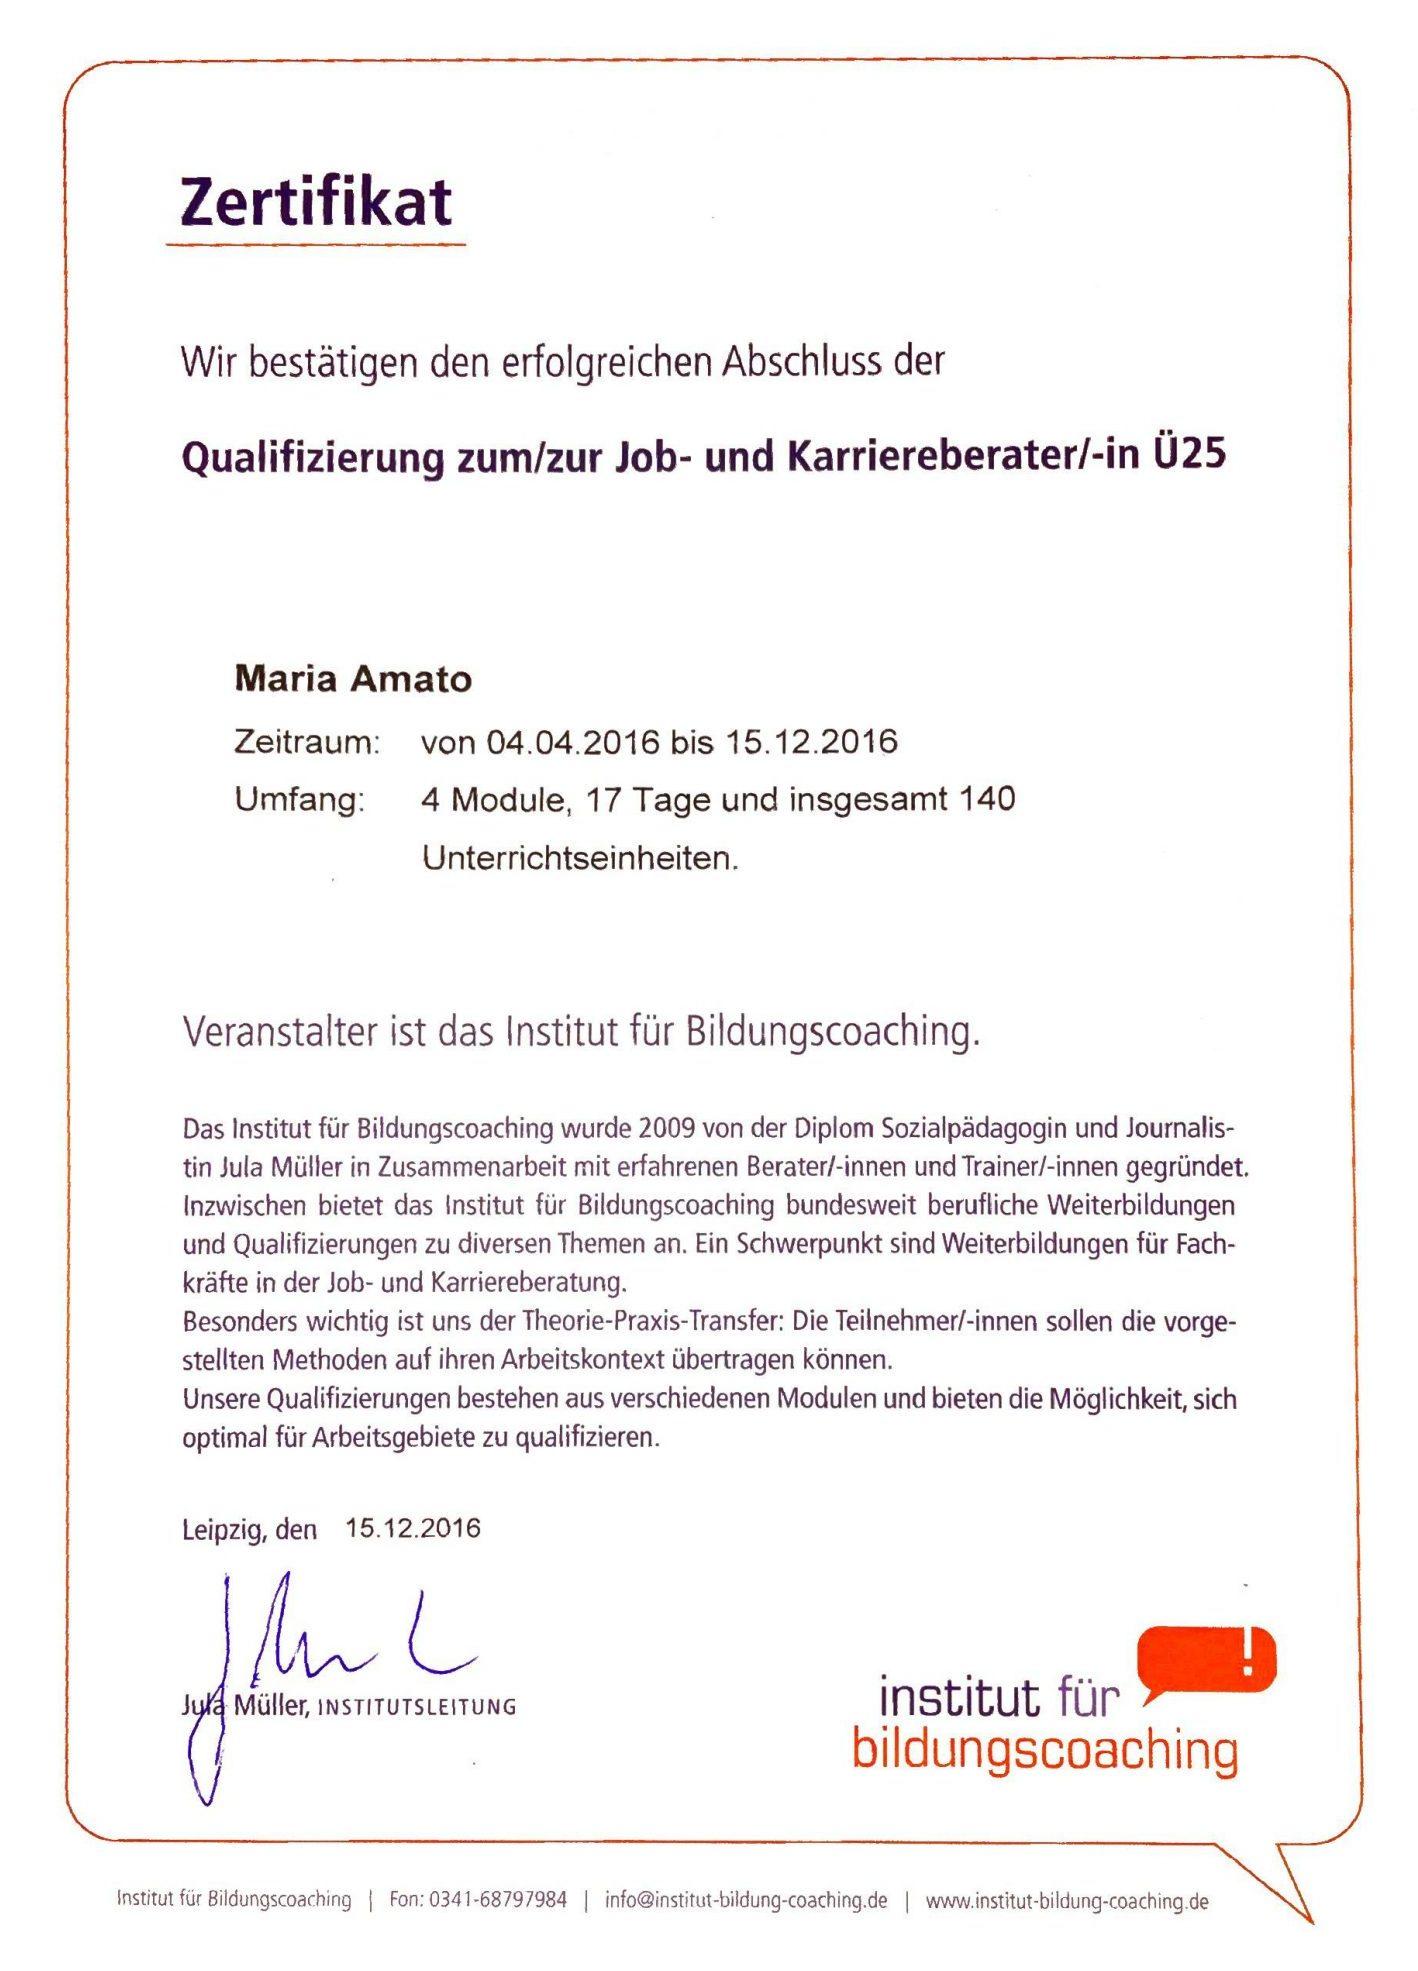 Zertifikat - Qualifizierung zum/zur Job- und Karriereberater Ü25